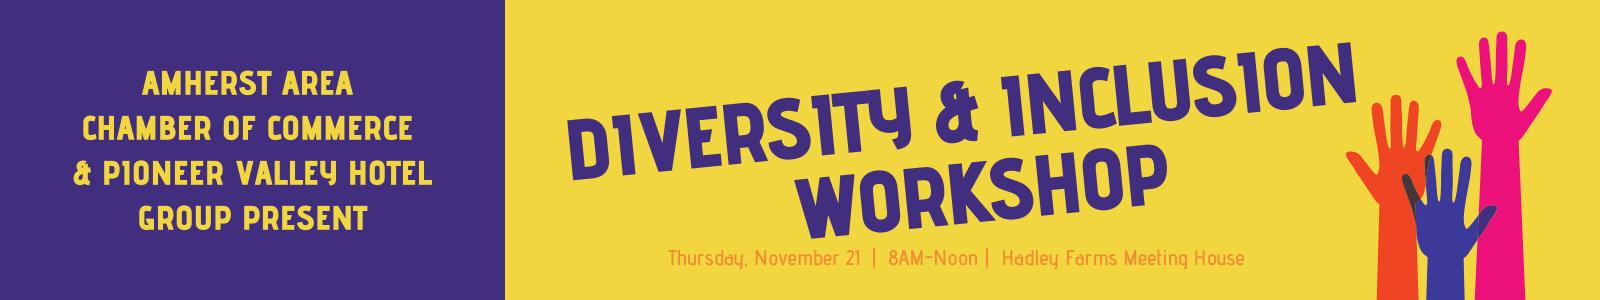 Diversity Inclusion Workshop